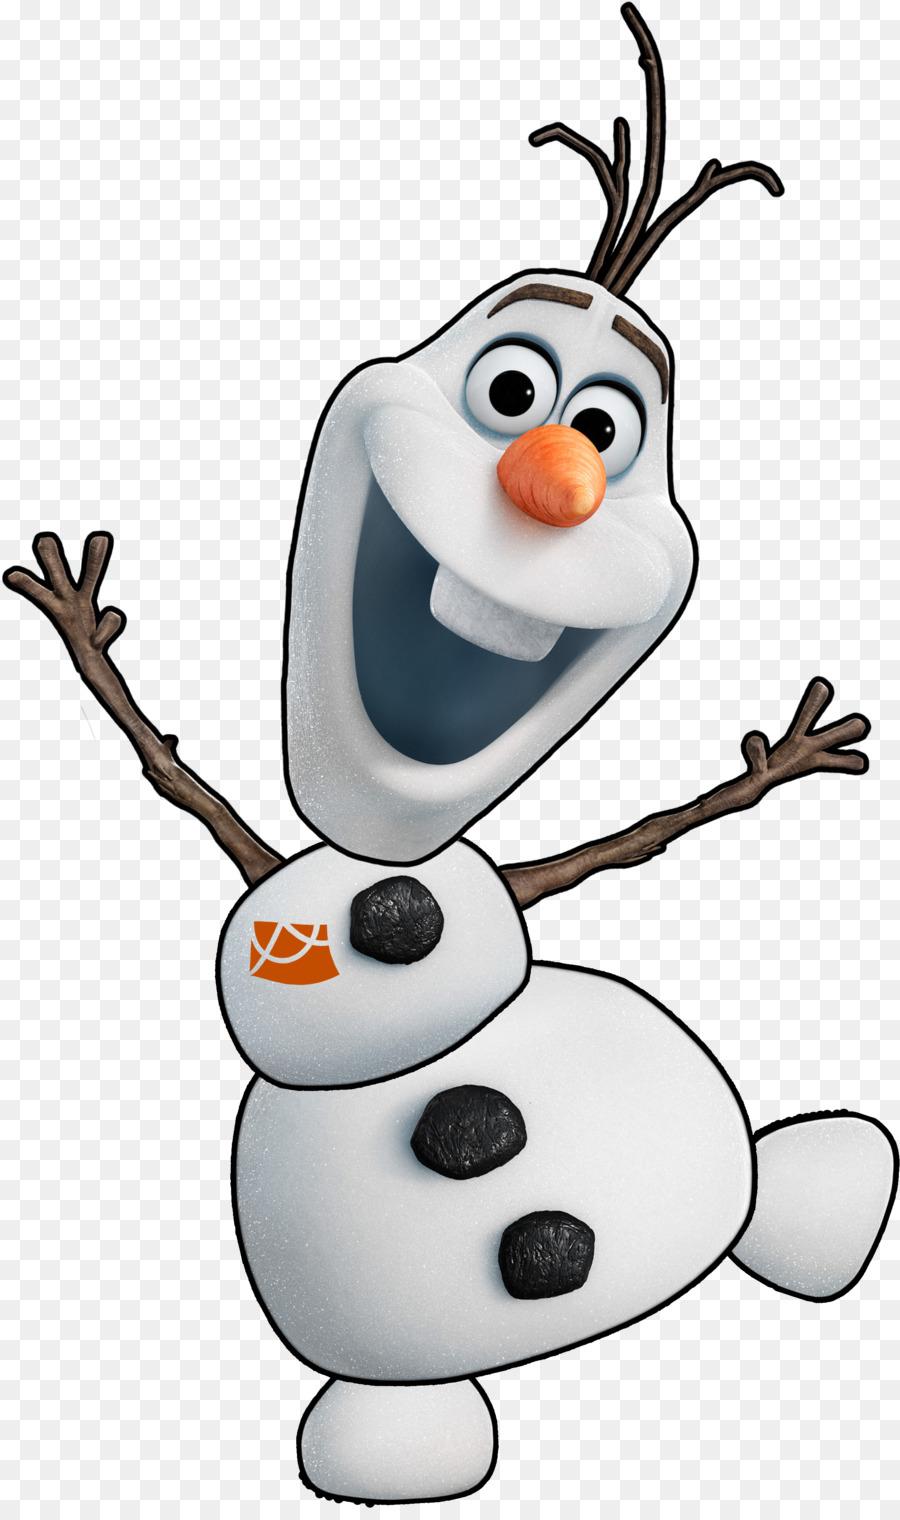 Descarga gratuita de Olaf, Elsa, Congelados imágenes PNG